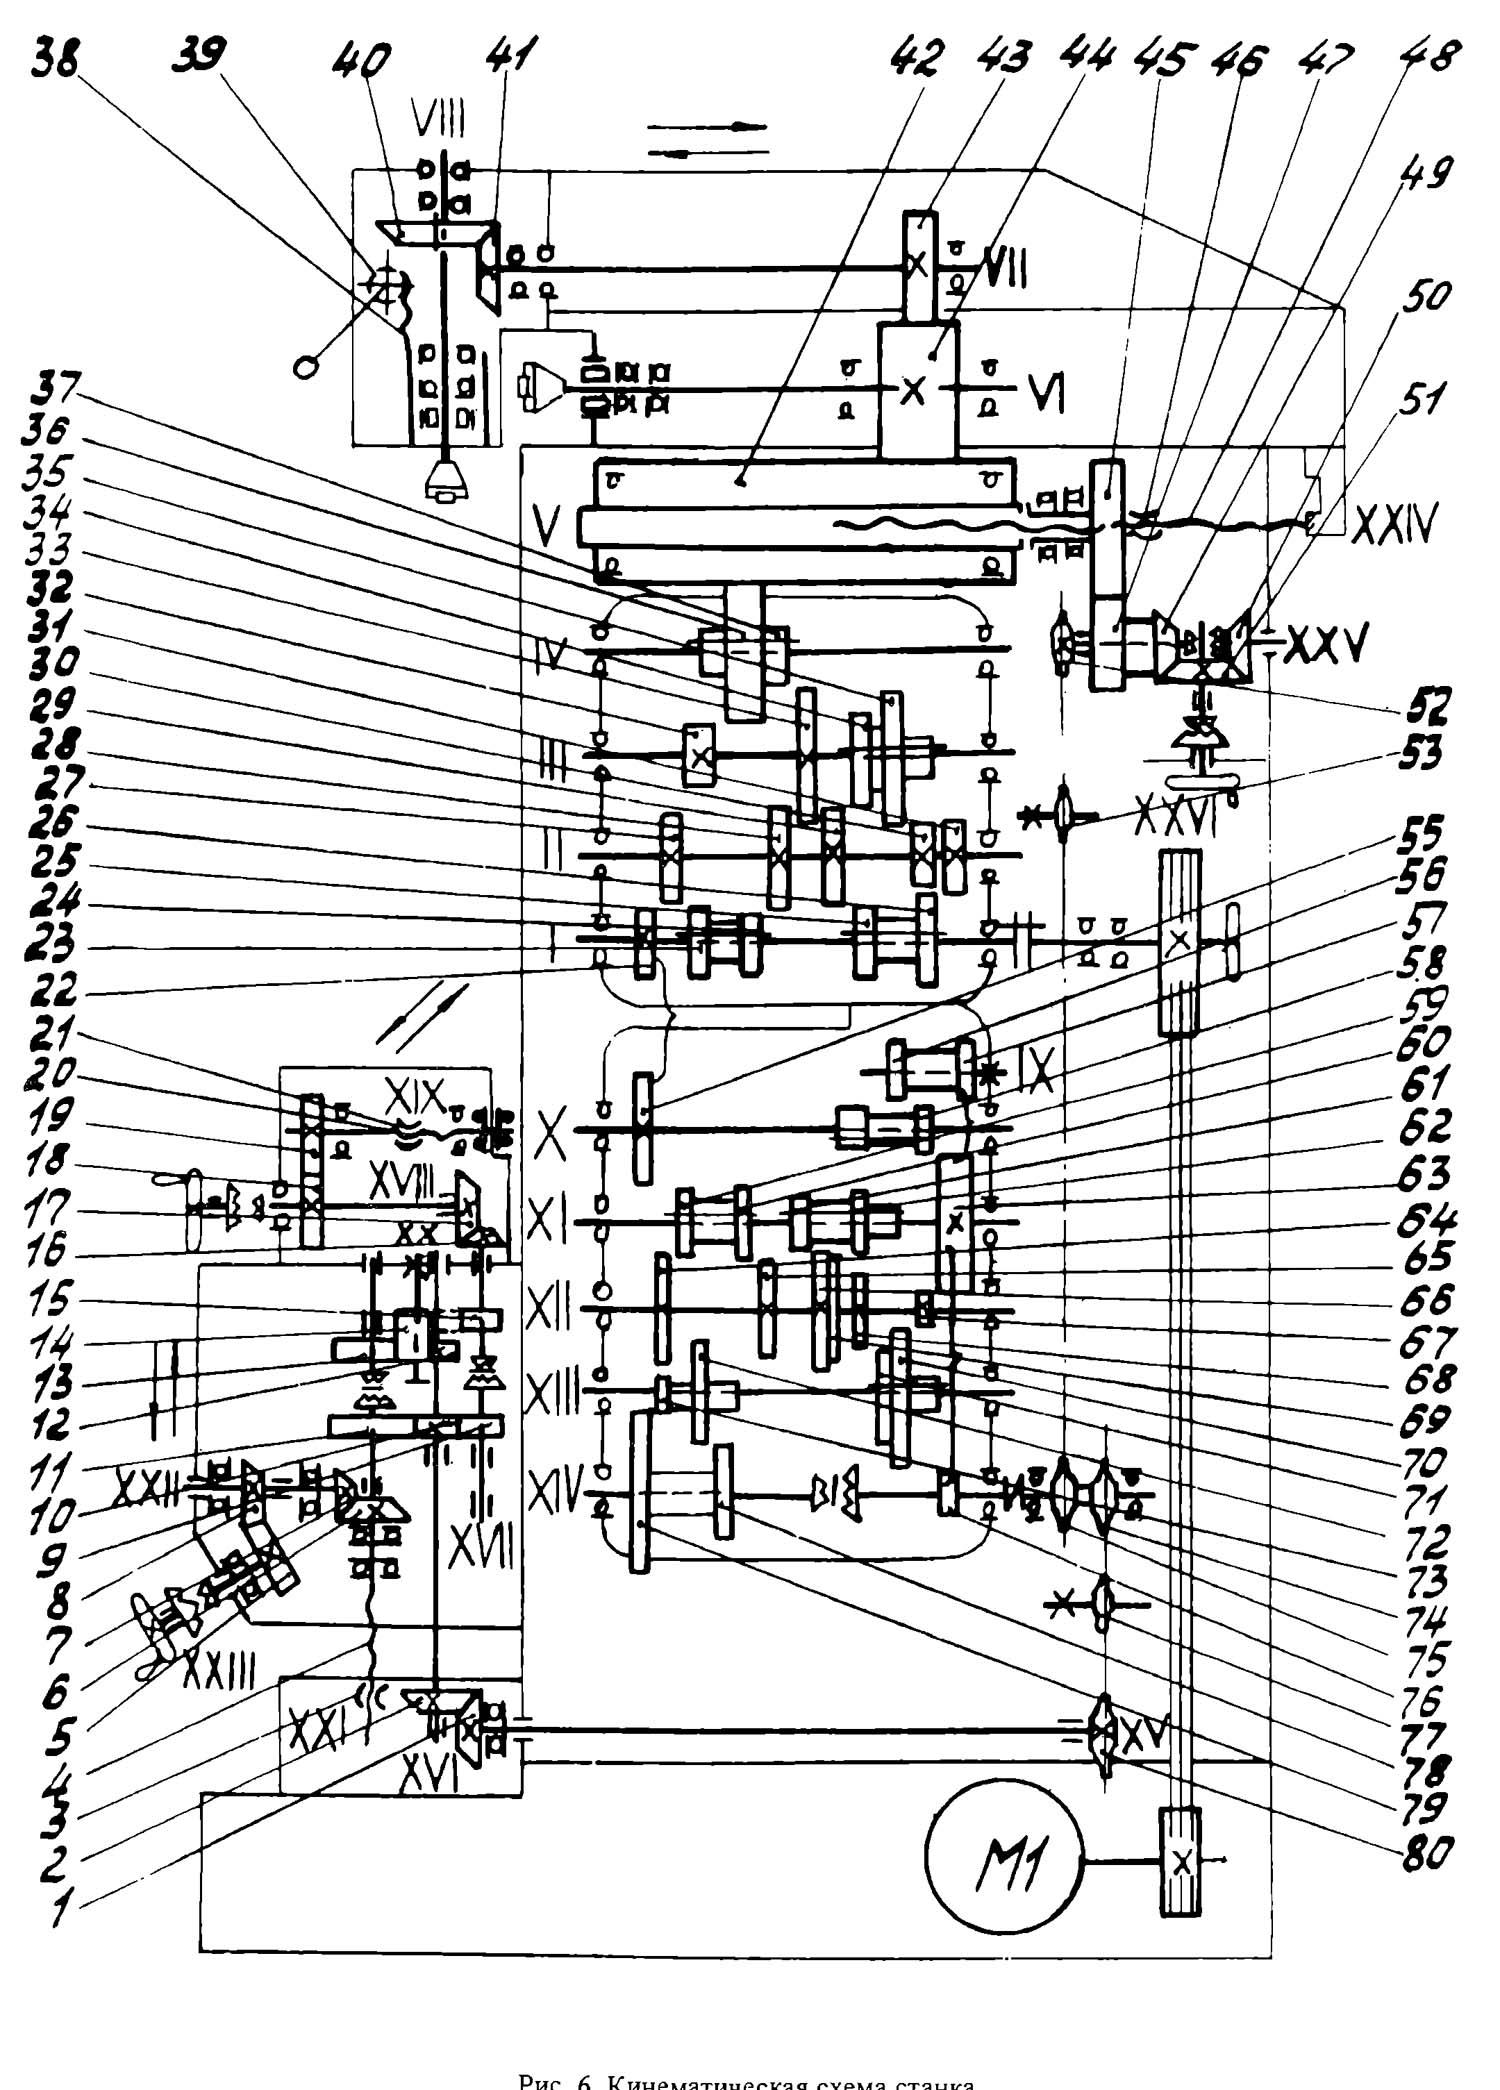 плунжерный насос дозатор кинематическая схема